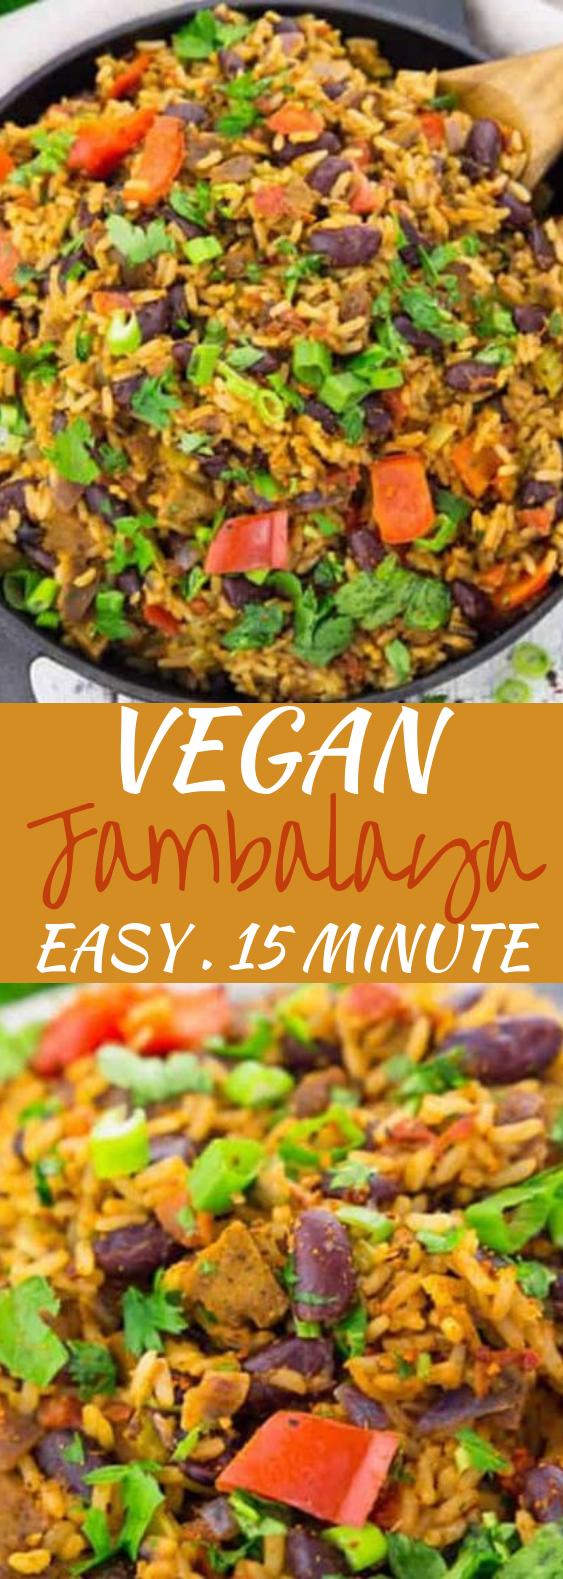 Vegan Jambalaya #vegetarian #dinner